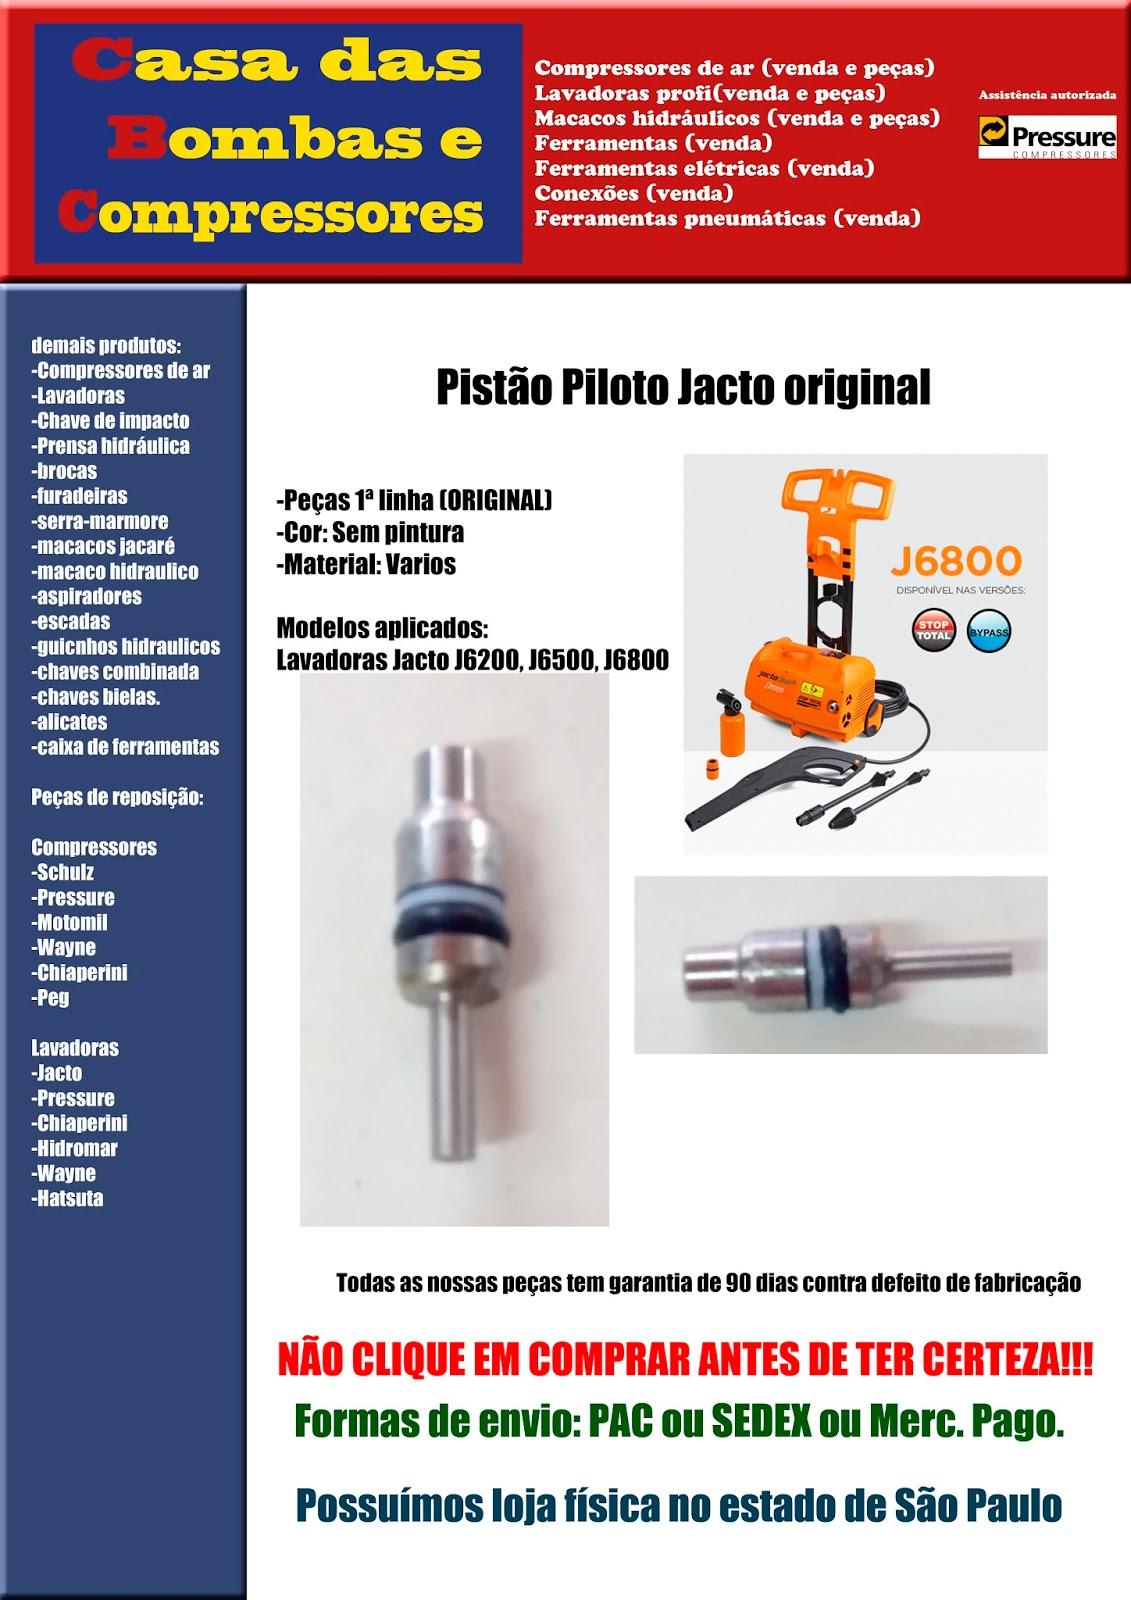 Pistao Piloto Jacto Original Completo em Ourinhos